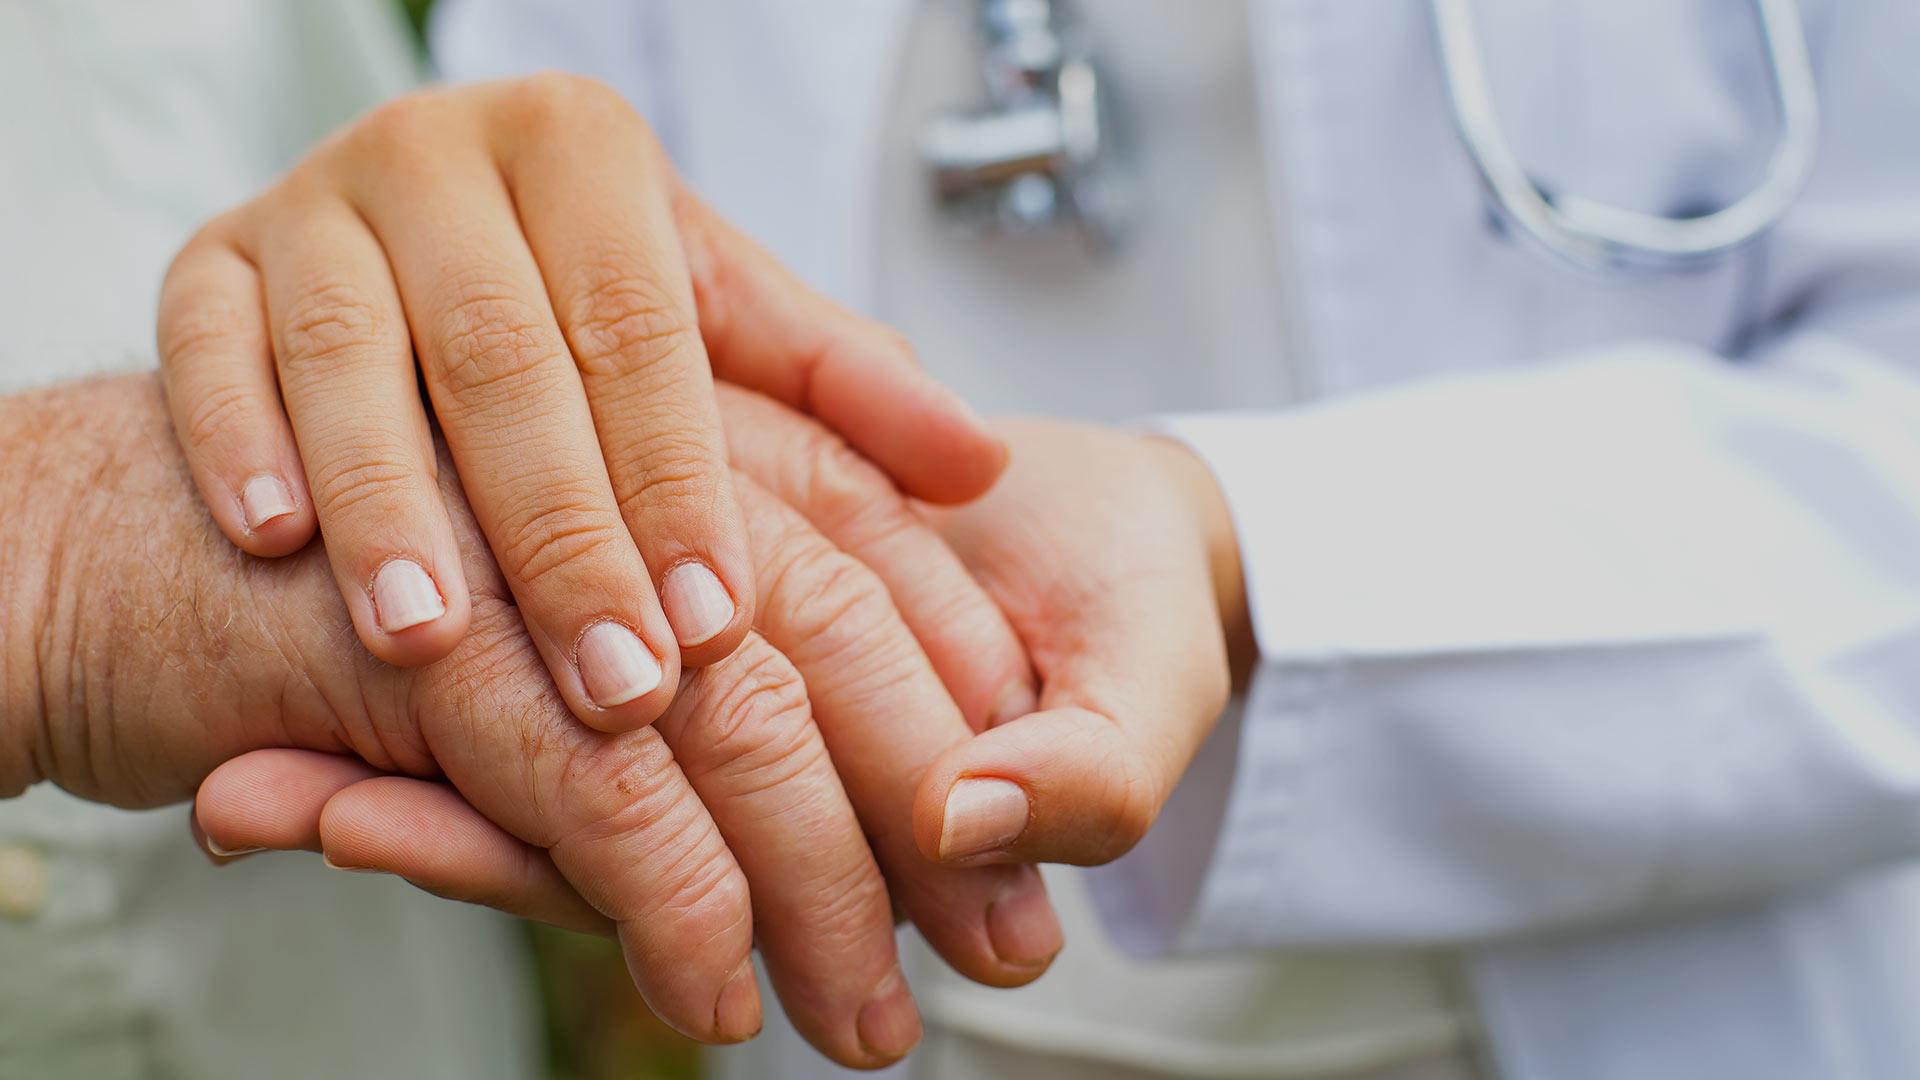 Tähtisairaala Hanke: Tulevaisuuden sairaala, jossa ihminen on etusijalla